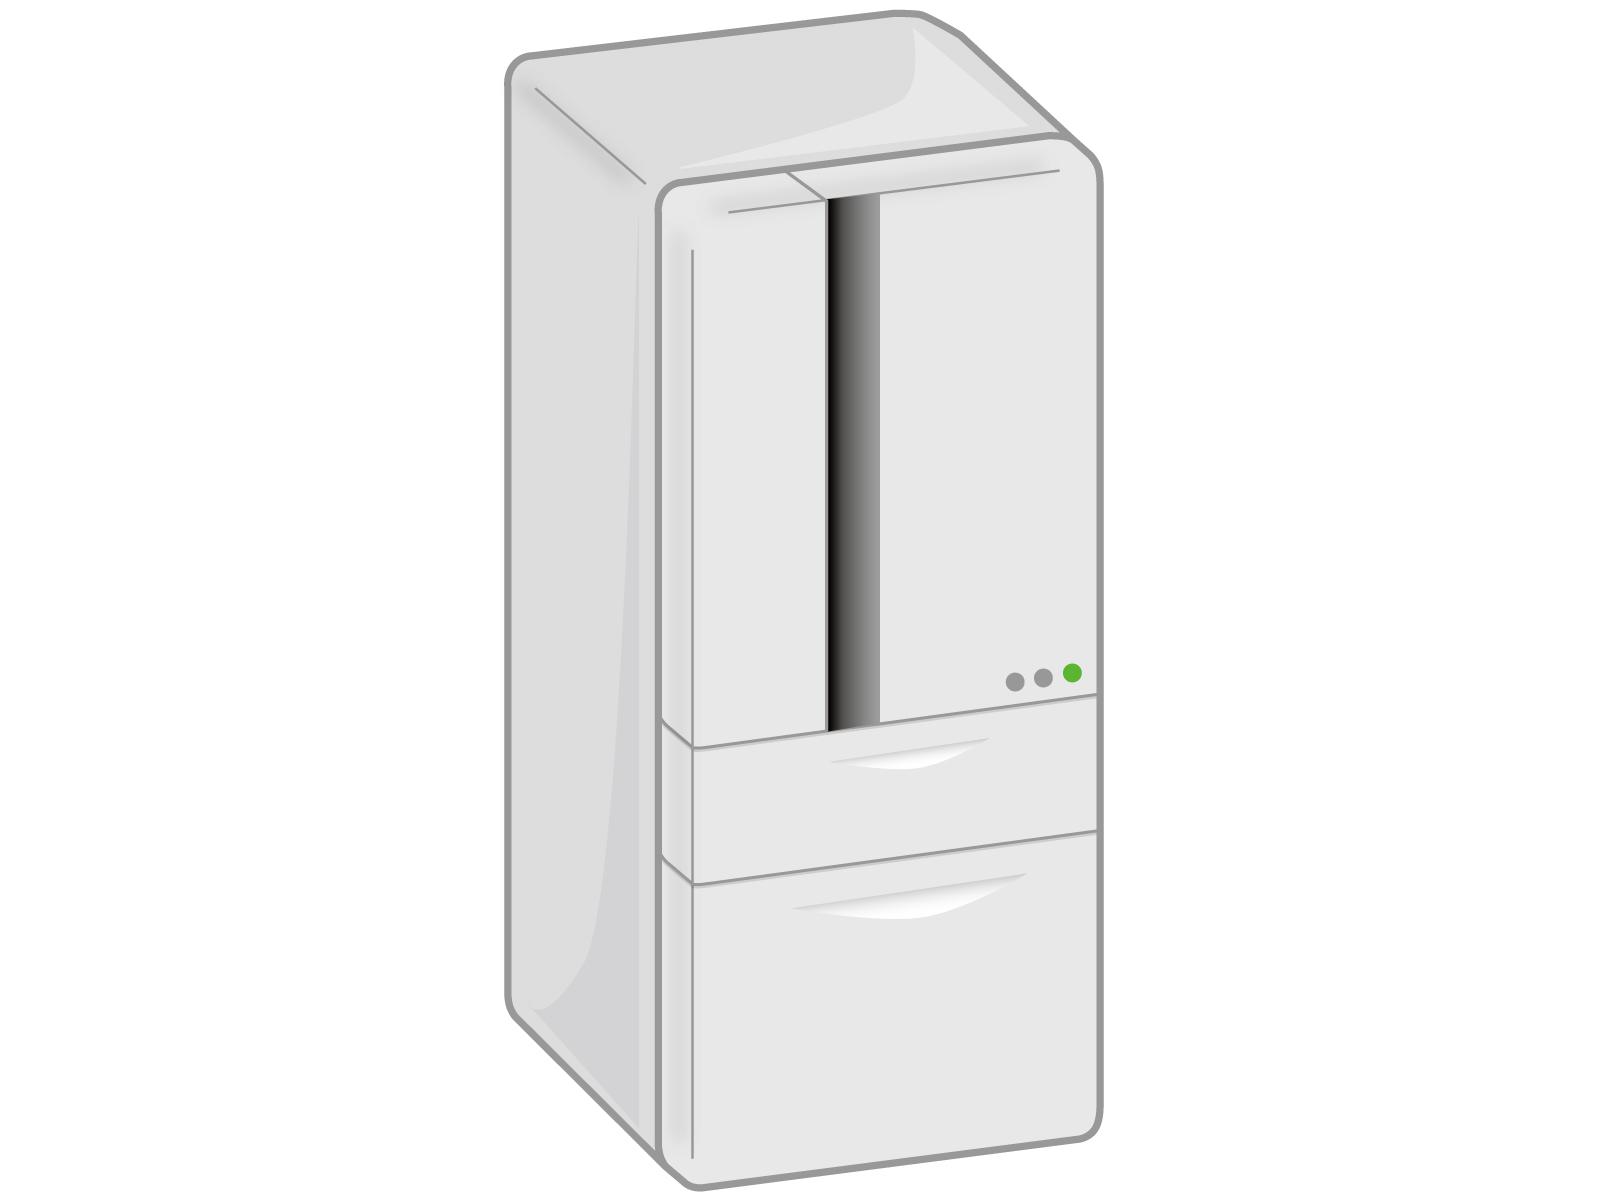 冷蔵庫観音開きのメリット・デメリットを利用者に聞いてみたらこうだった!